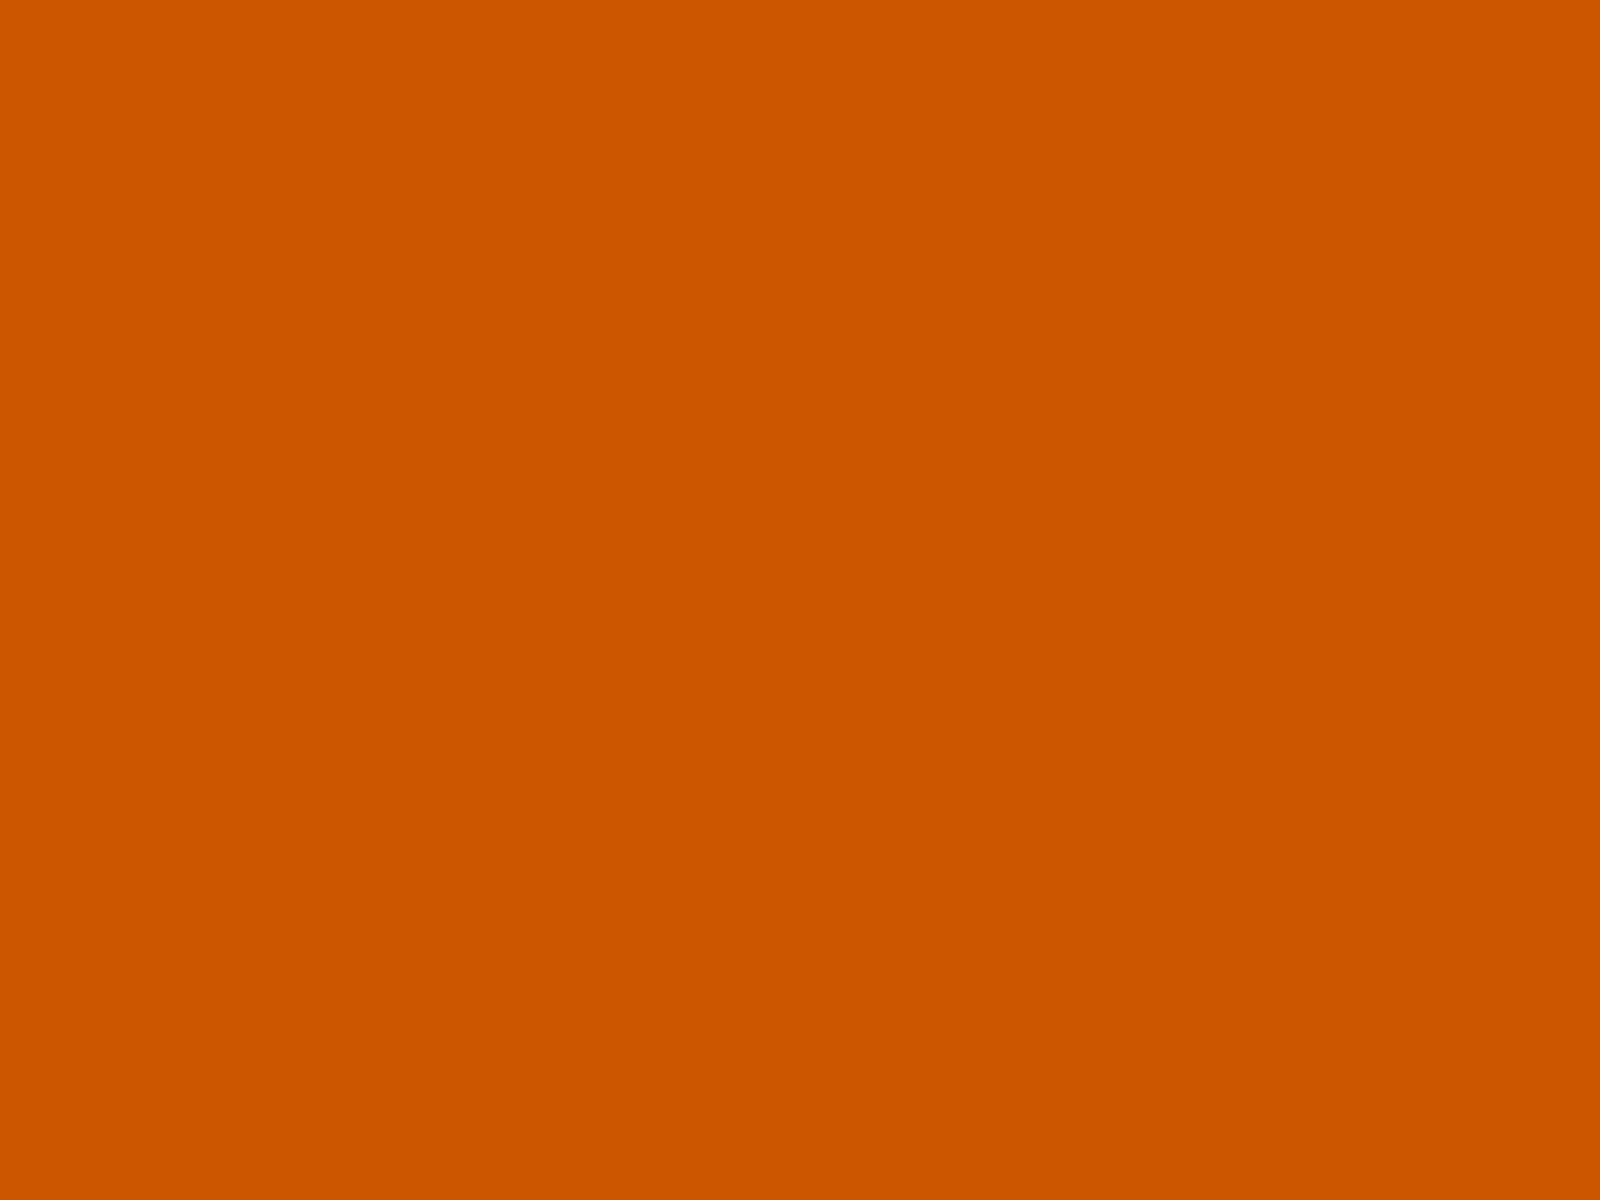 1600x1200 Burnt Orange Solid Color Background